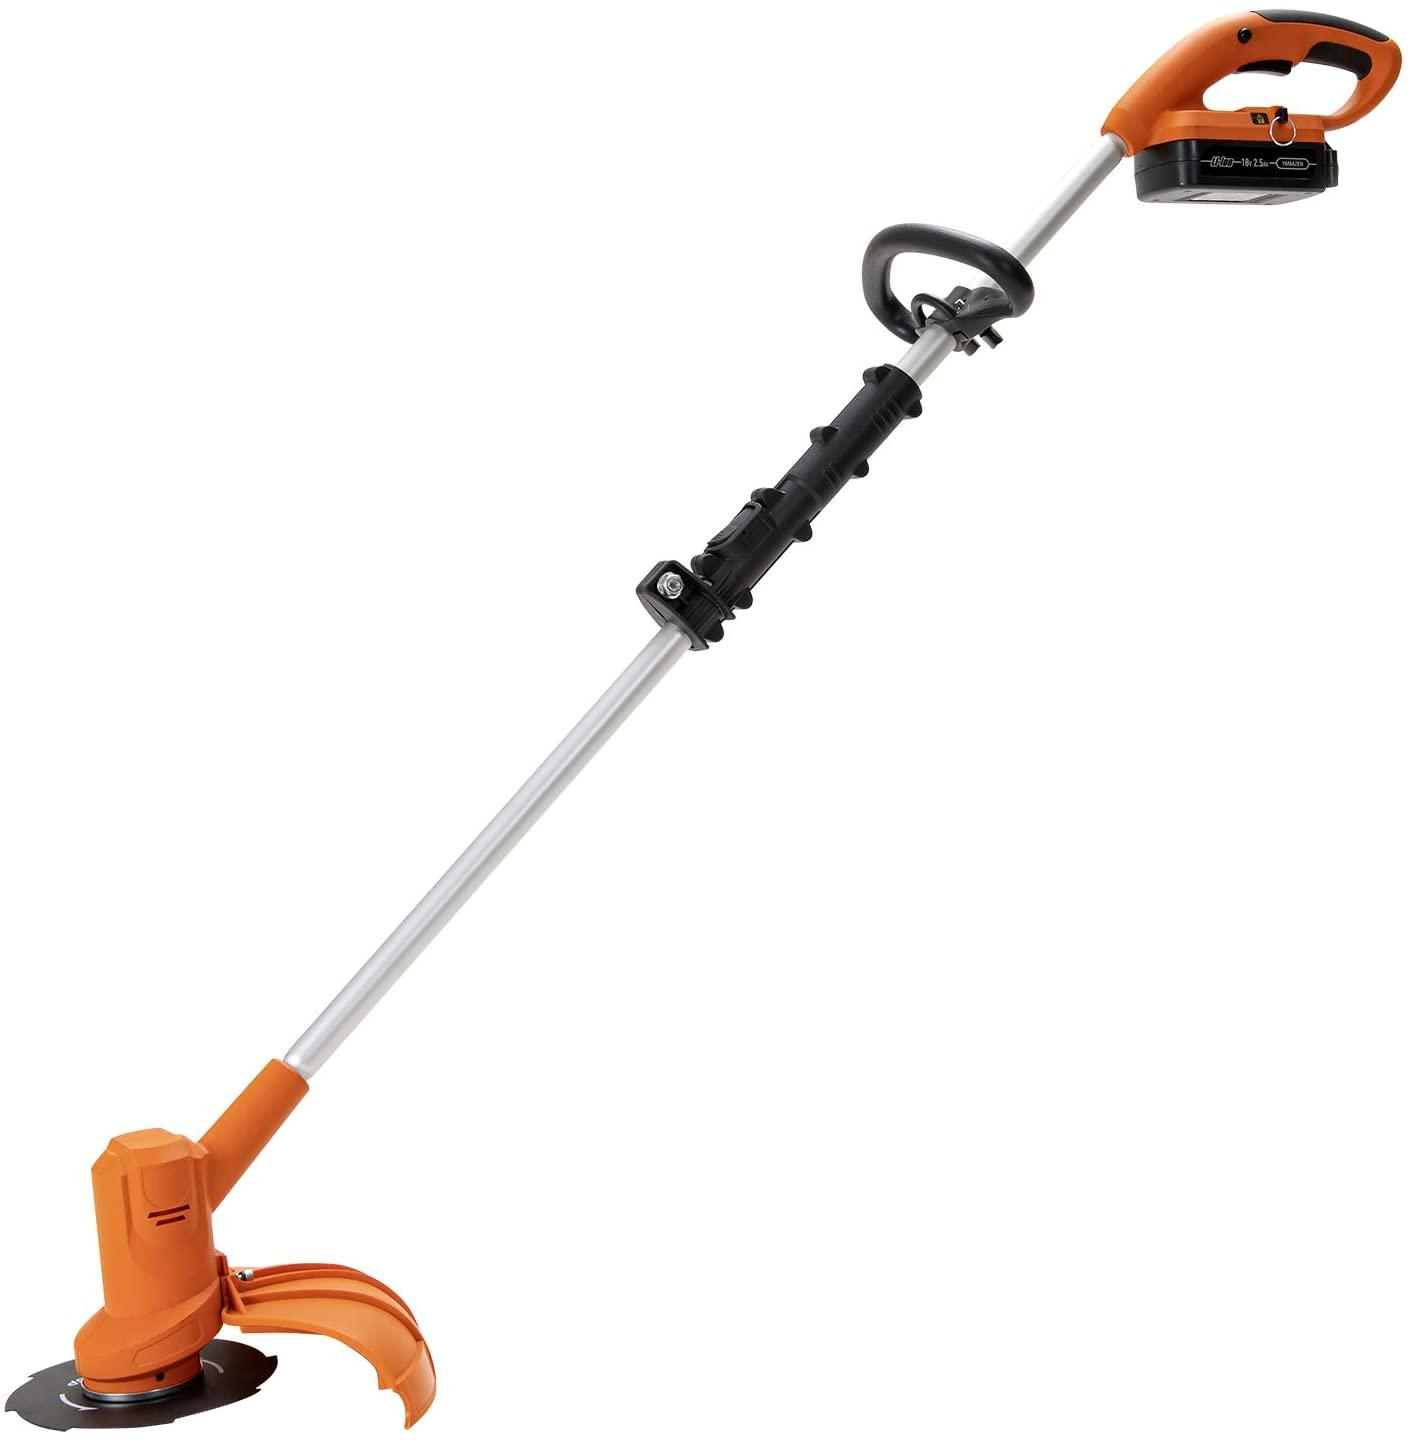 【小型・軽量モデルも】人気の草刈り機のおすすめランキング12選を紹介!のサムネイル画像